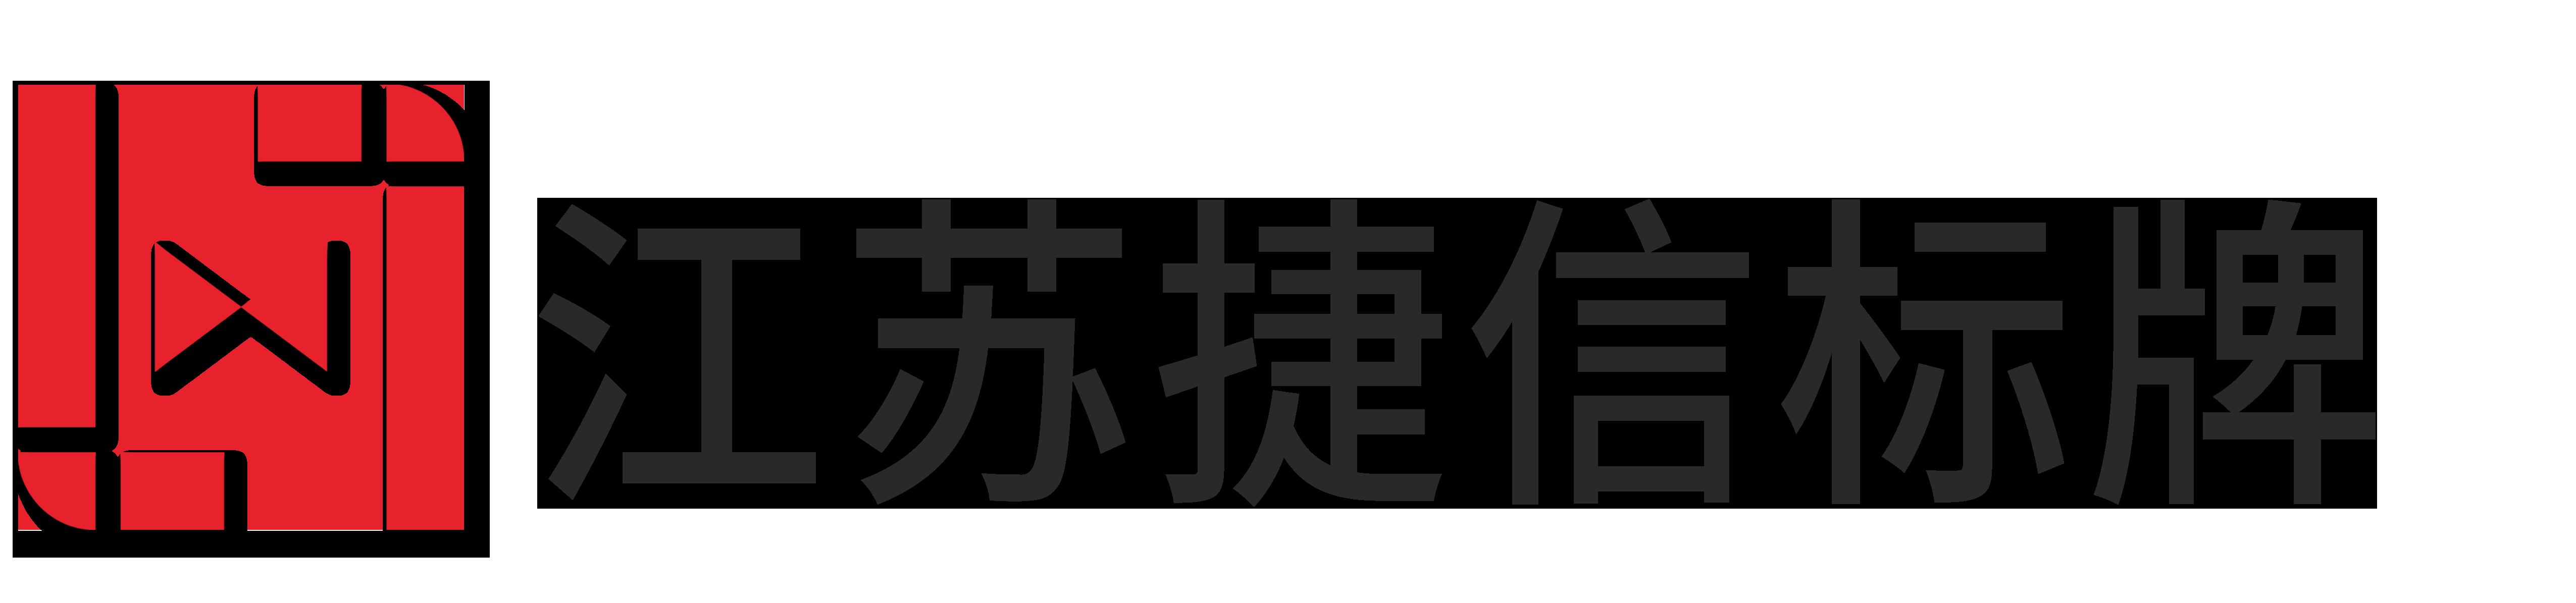 江苏捷信标牌科技有限公司